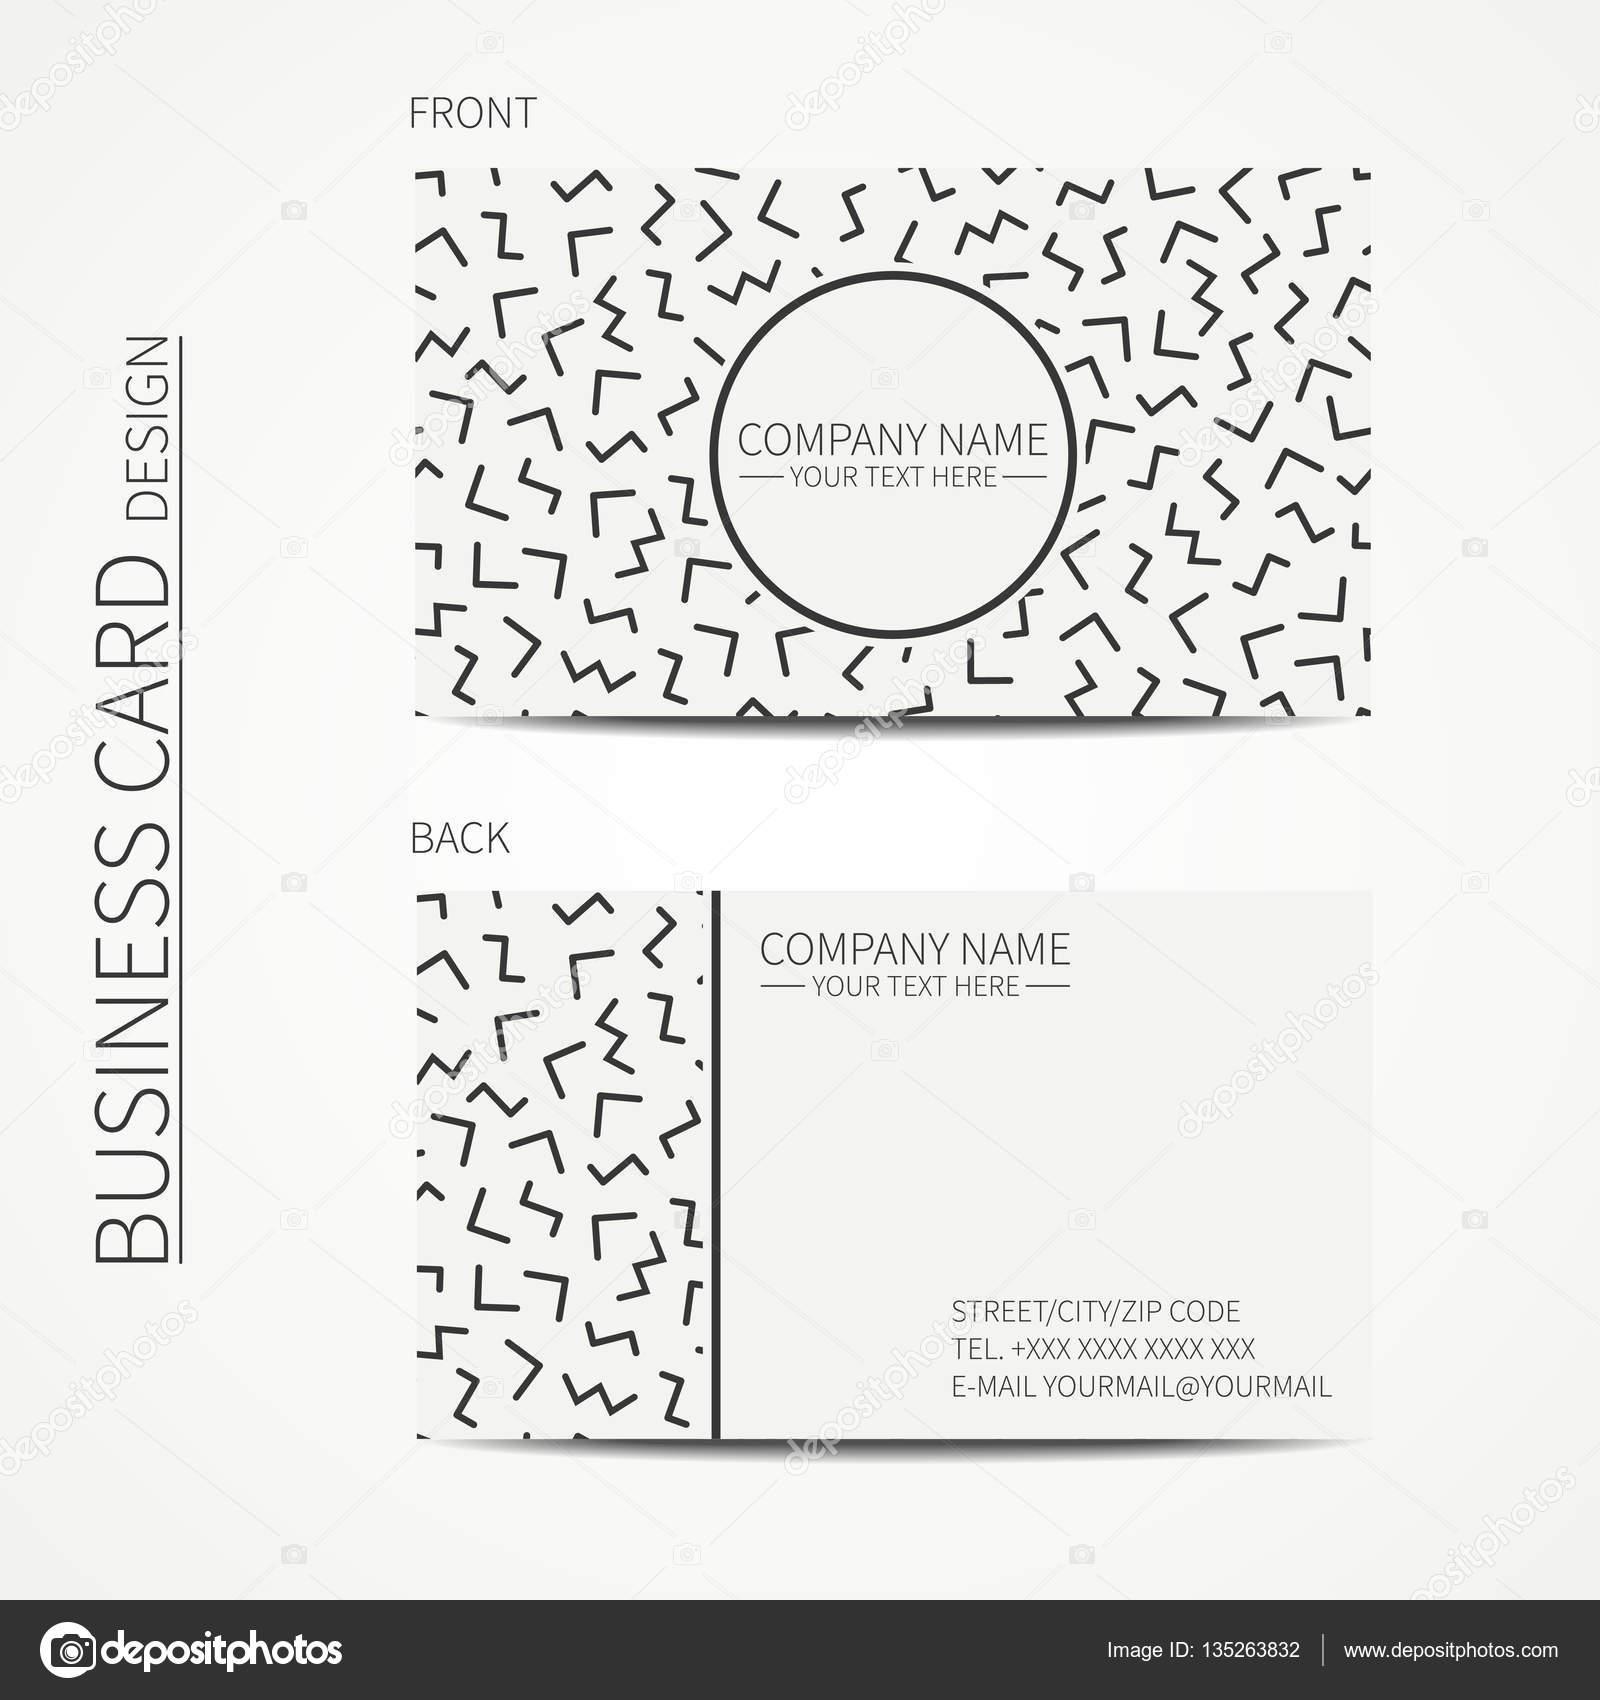 Vektor Einfache Visitenkarten Design Memphis Stil Vorlage